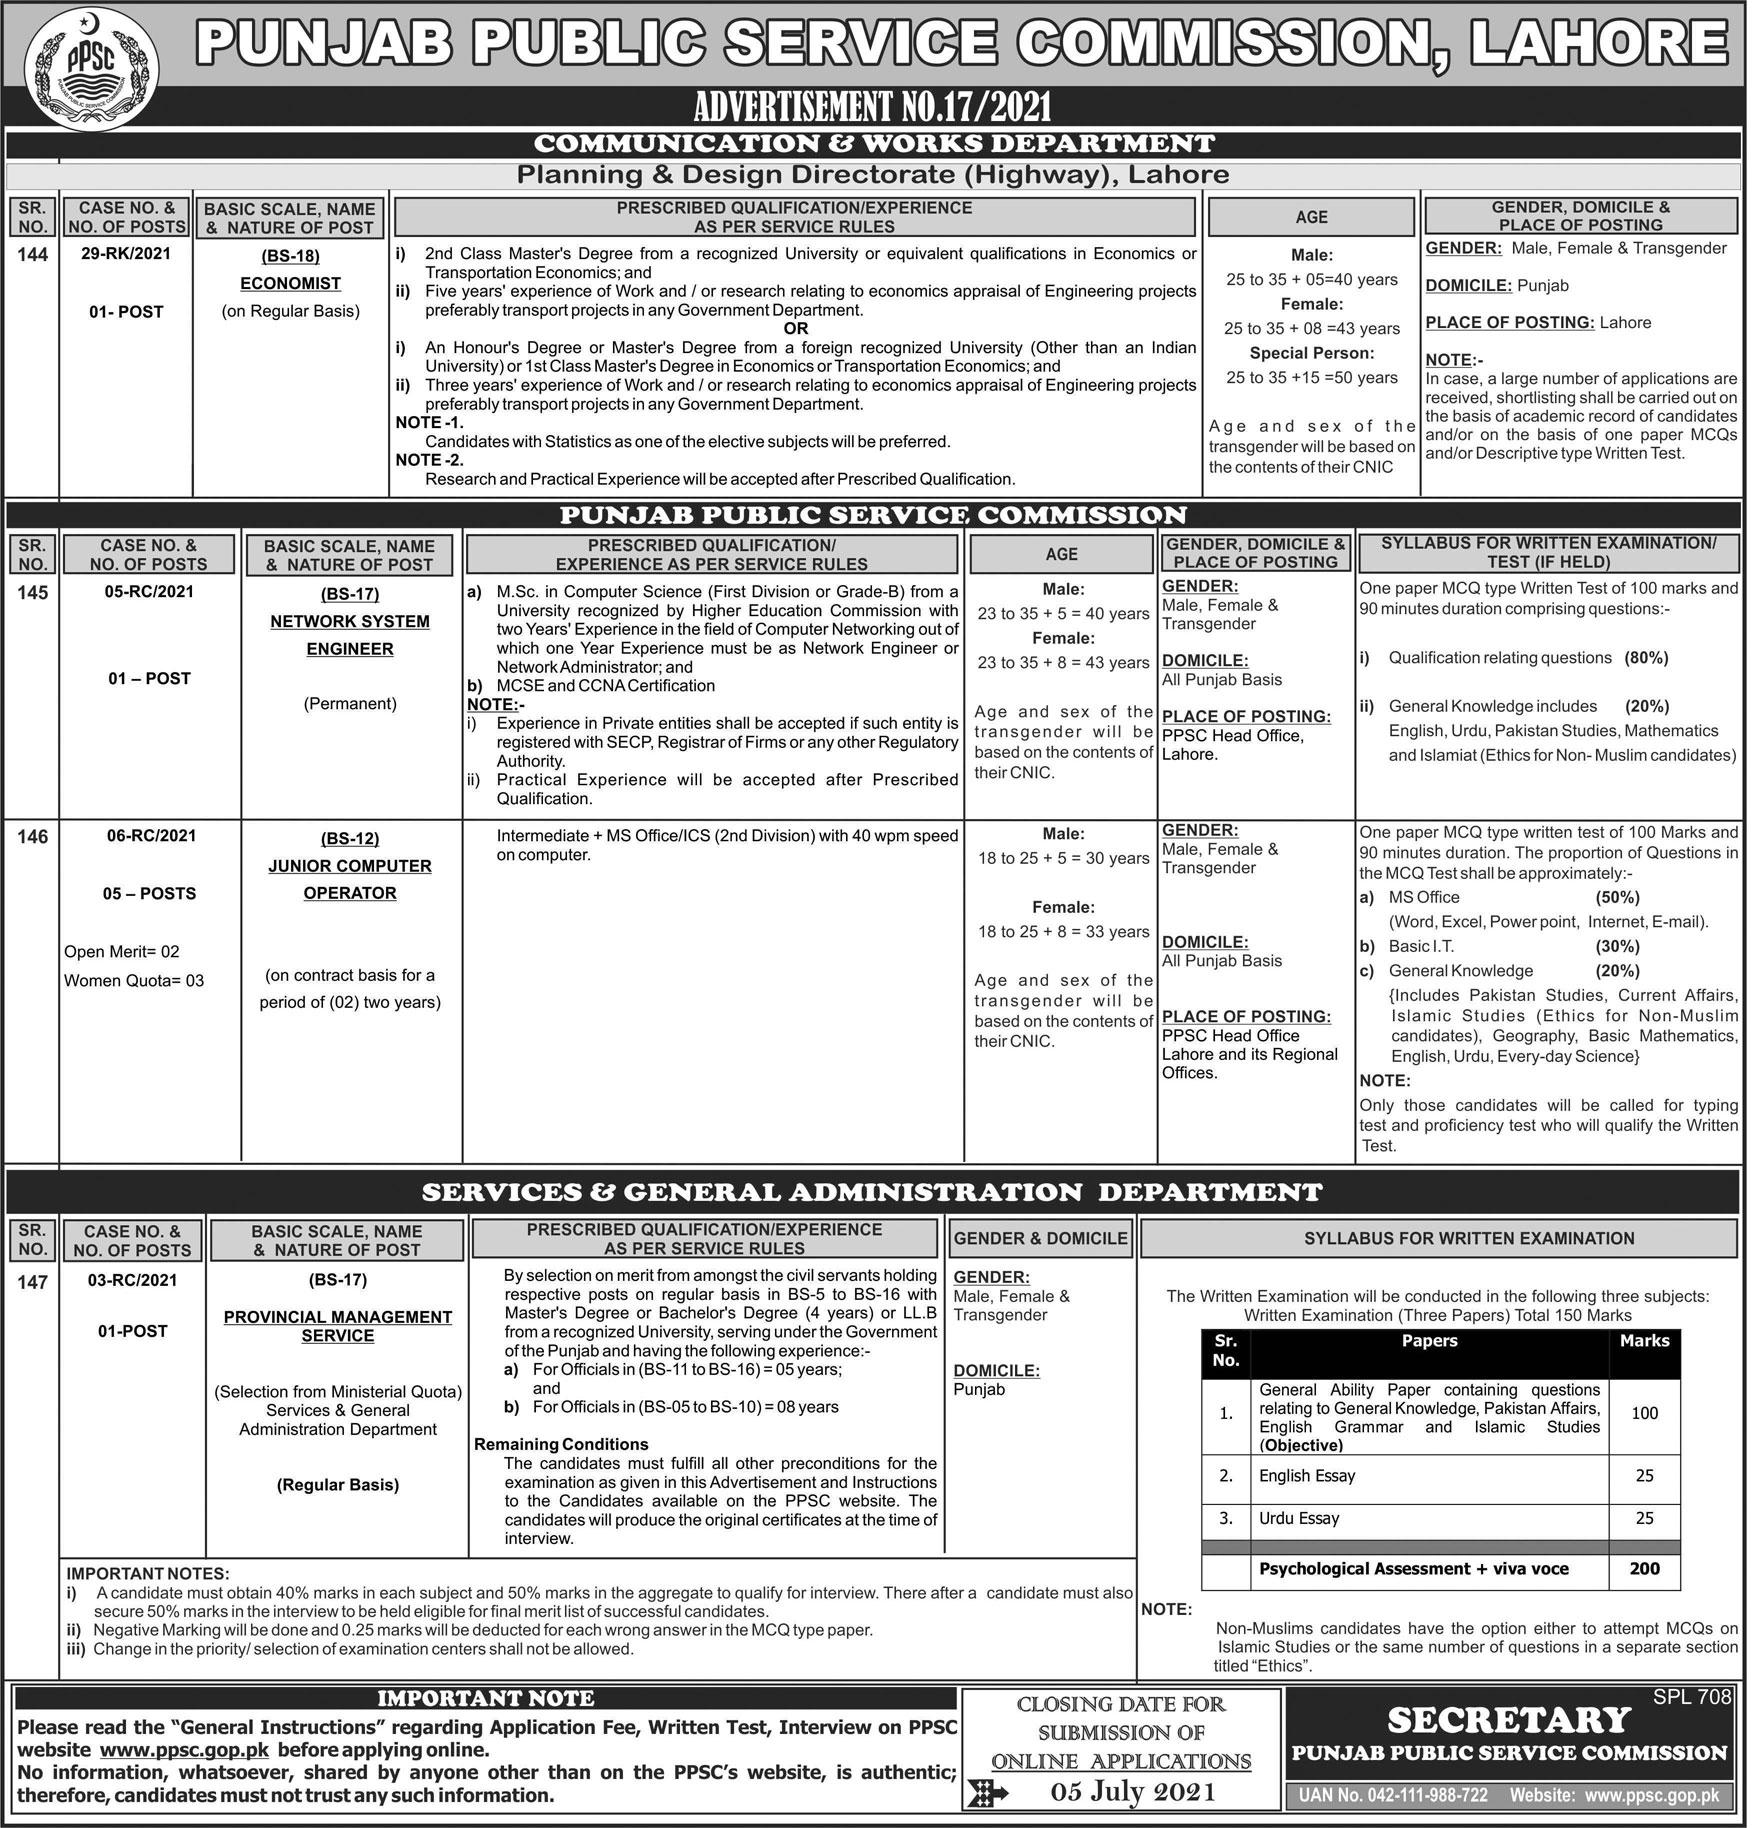 PPSC Jobs 2021 Apply Online www.ppsc.gop.pk - Punjab Public Service Commission PPSC Jobs 2021 Latest Advertisement No 17